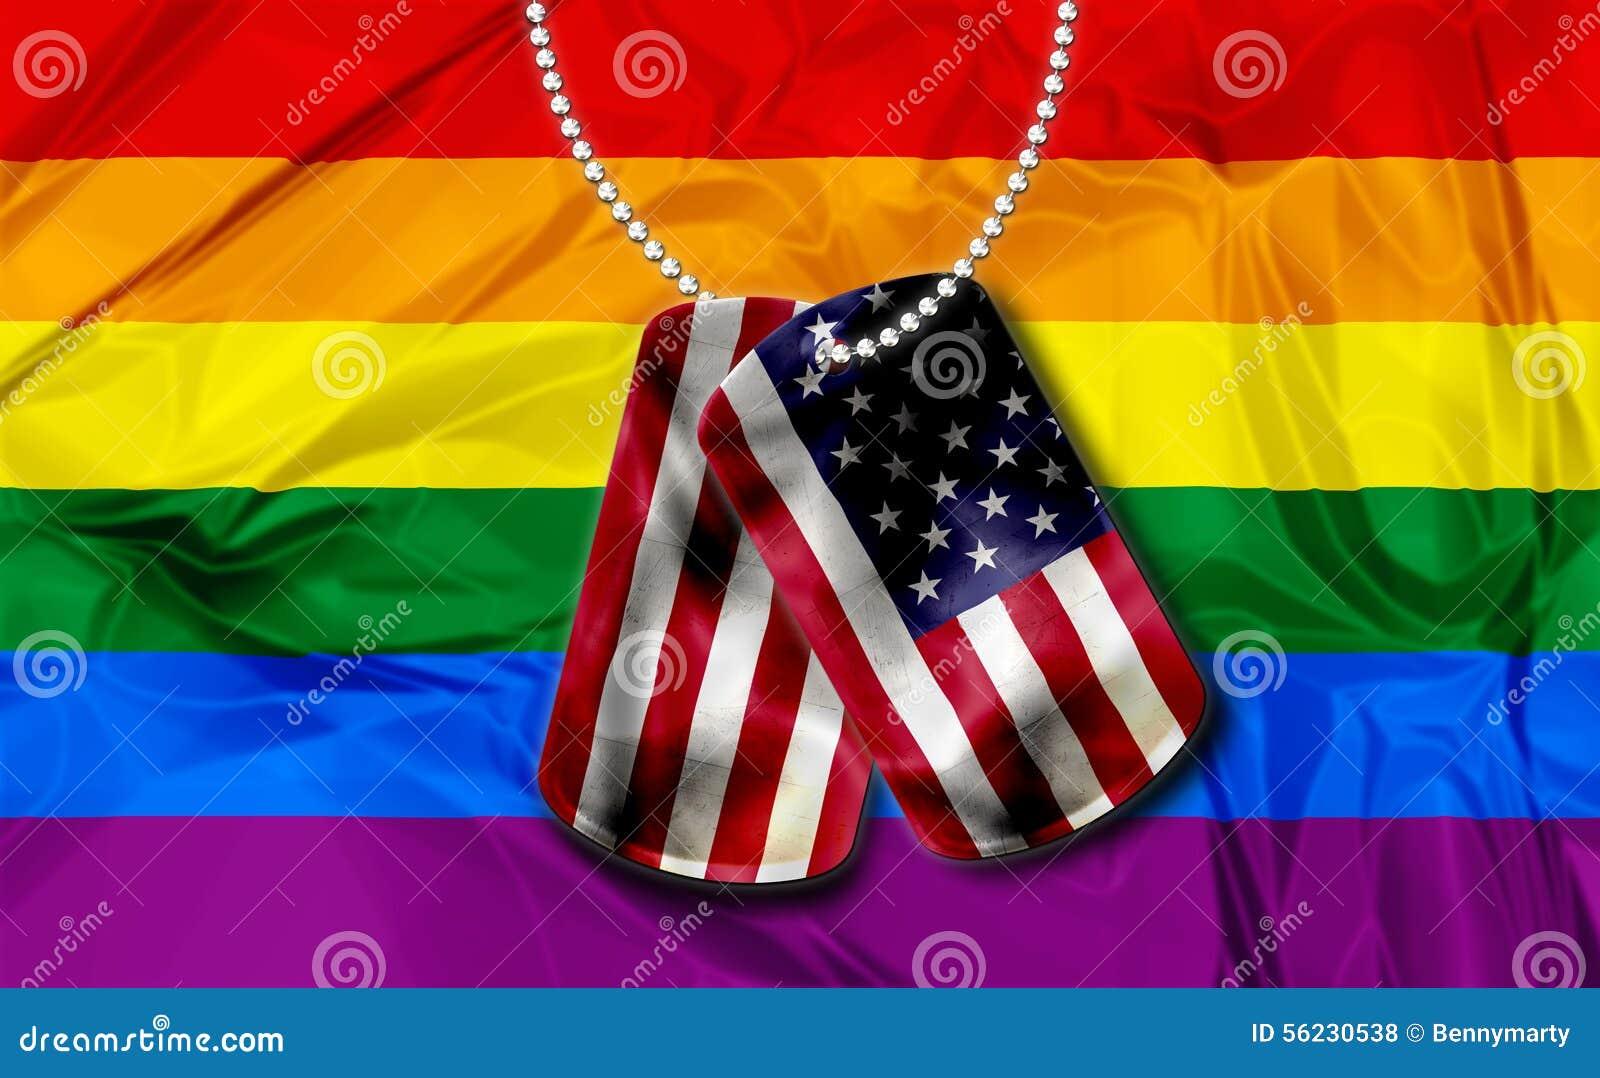 esercito americano sesso gay maturo mamma porno gallerie